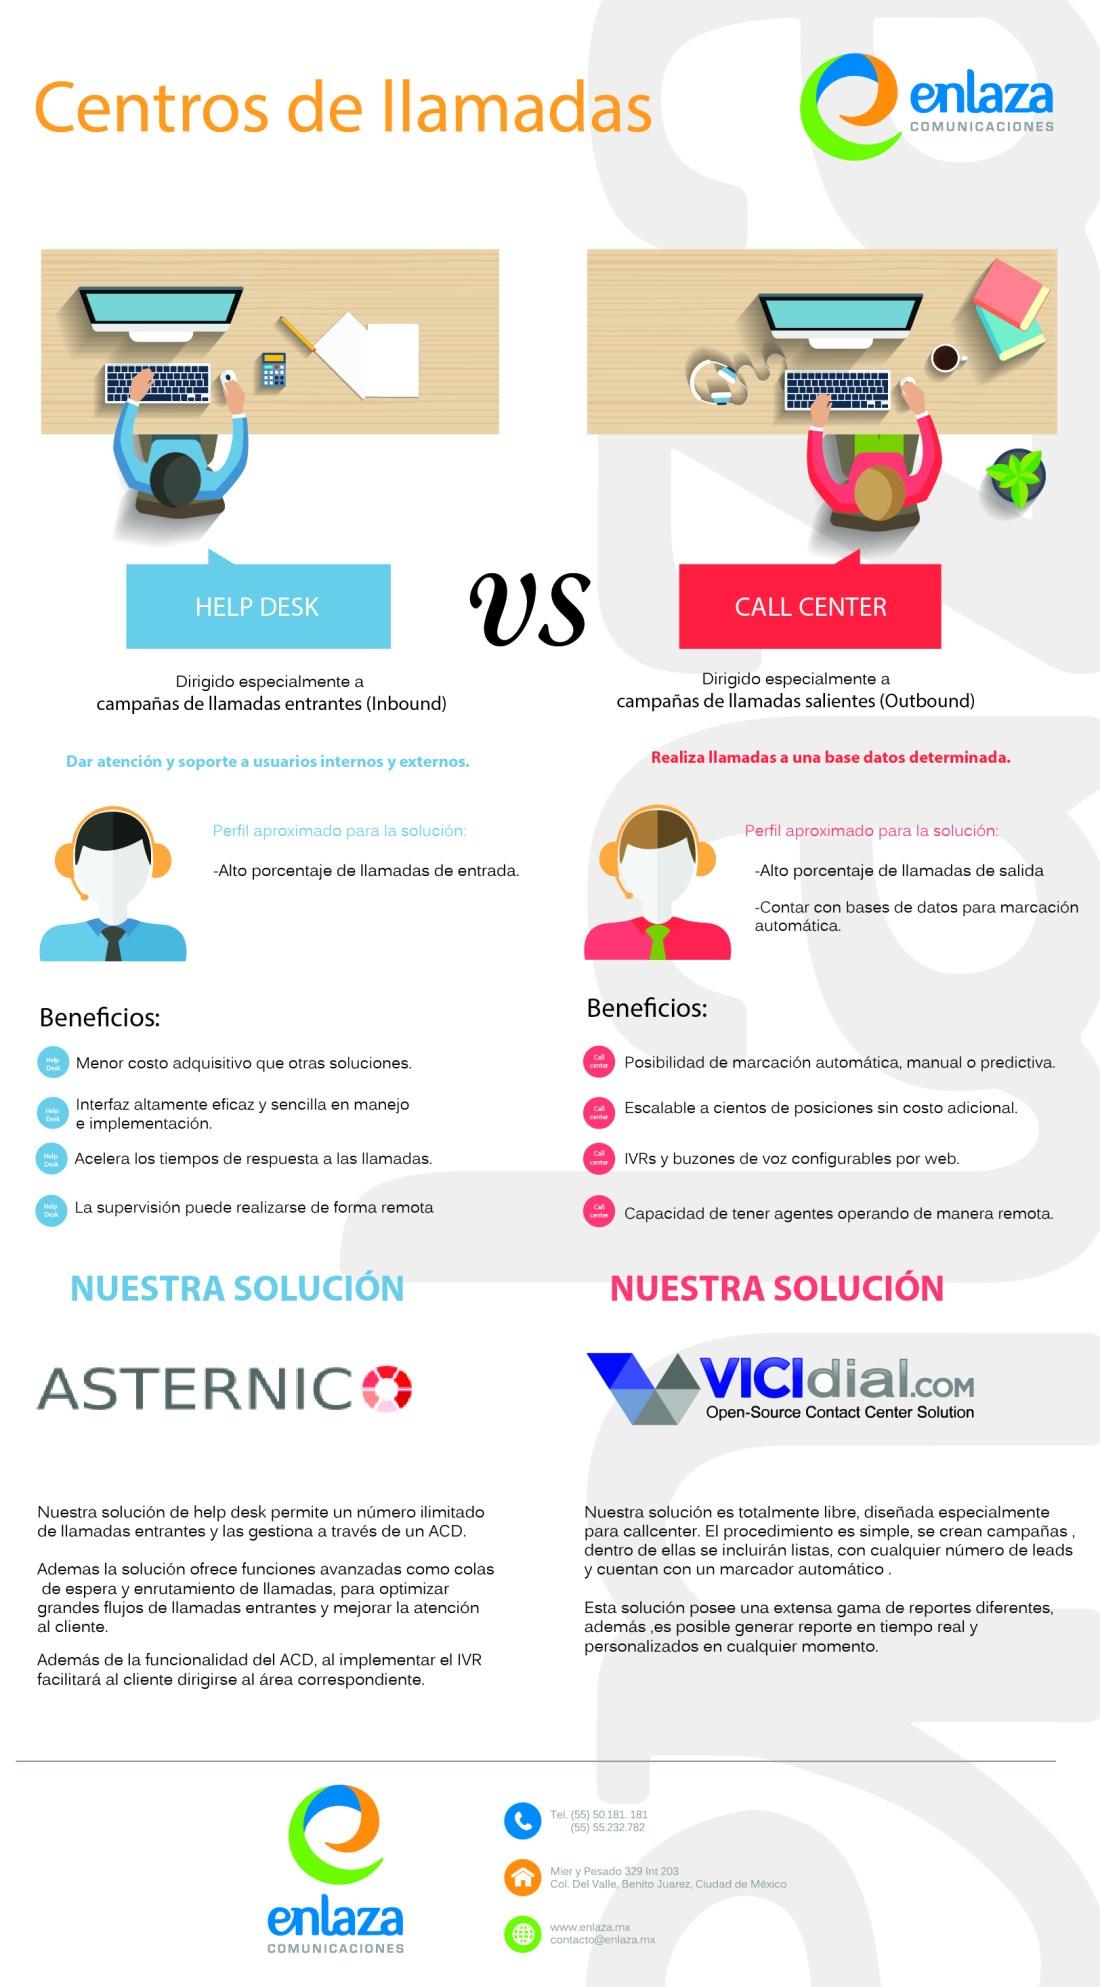 centros-de-llamadas-infografia